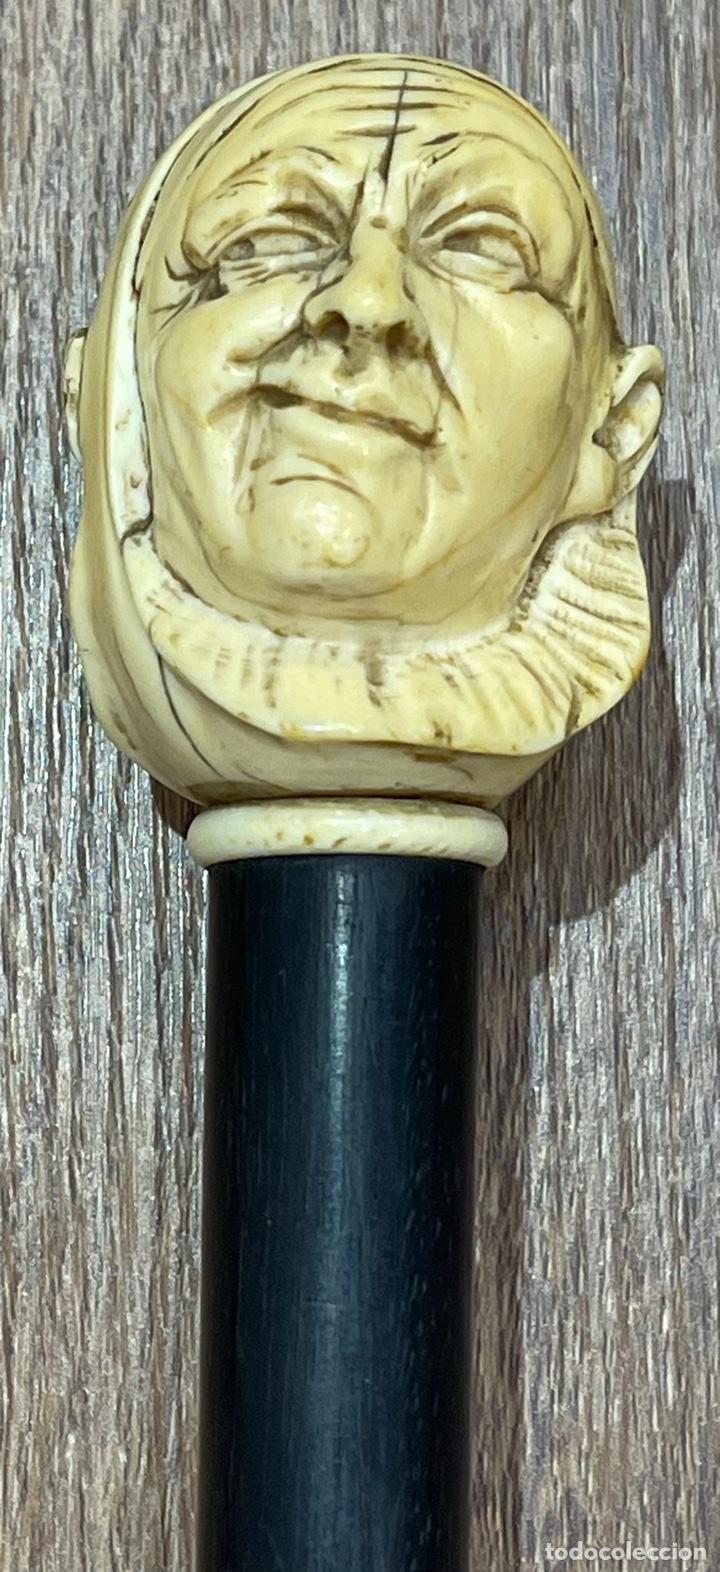 Antigüedades: Extraordinario bastón antiguo, con mango en marfil tallado, por gran maestro - Foto 6 - 251651505